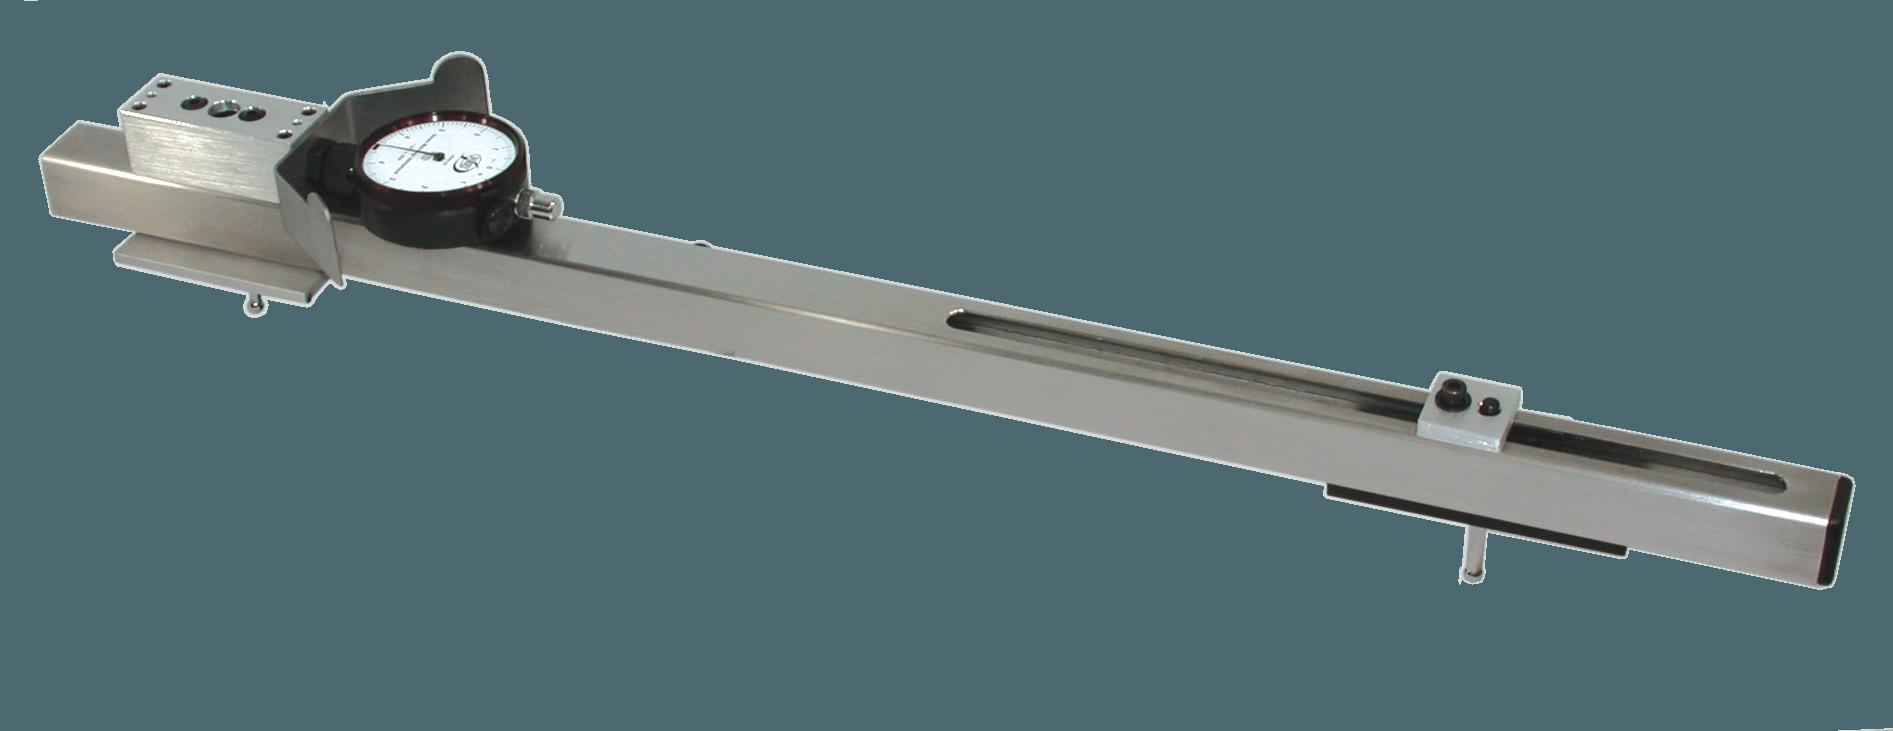 LDR Large Diameter Gage